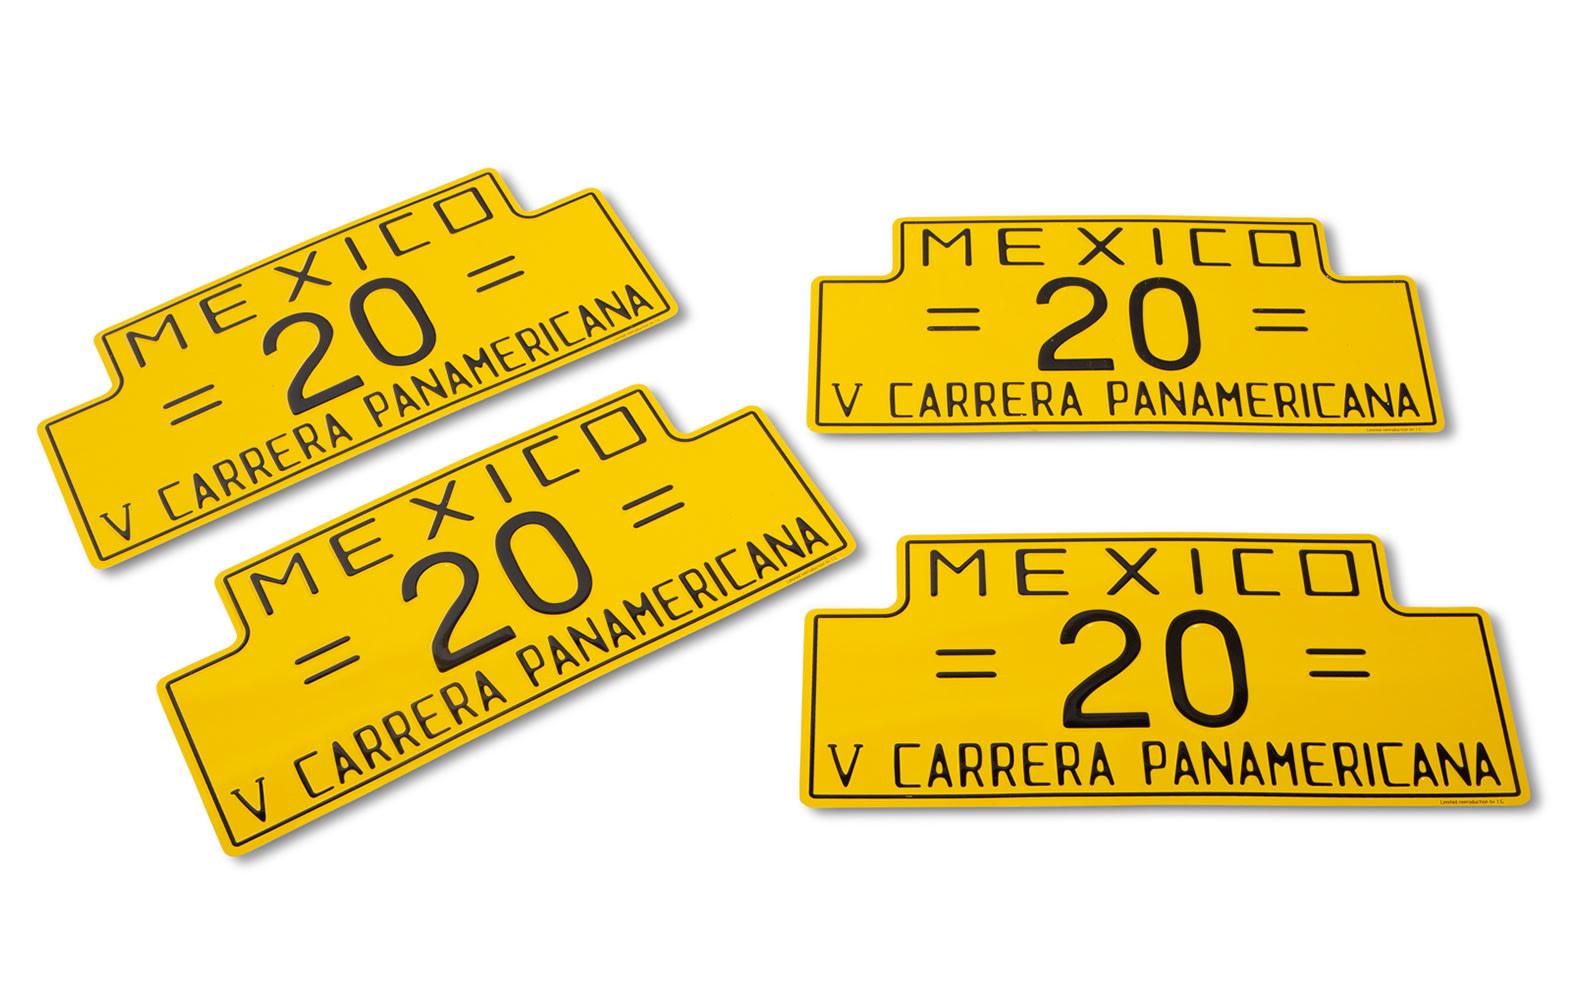 Prod/O21E - Phil Hill C 2021/C0178_1954 Carrera Panamericana Reproduction Plates/C0178_1954_Carrera_Panamericana_Plates_1_coxugv